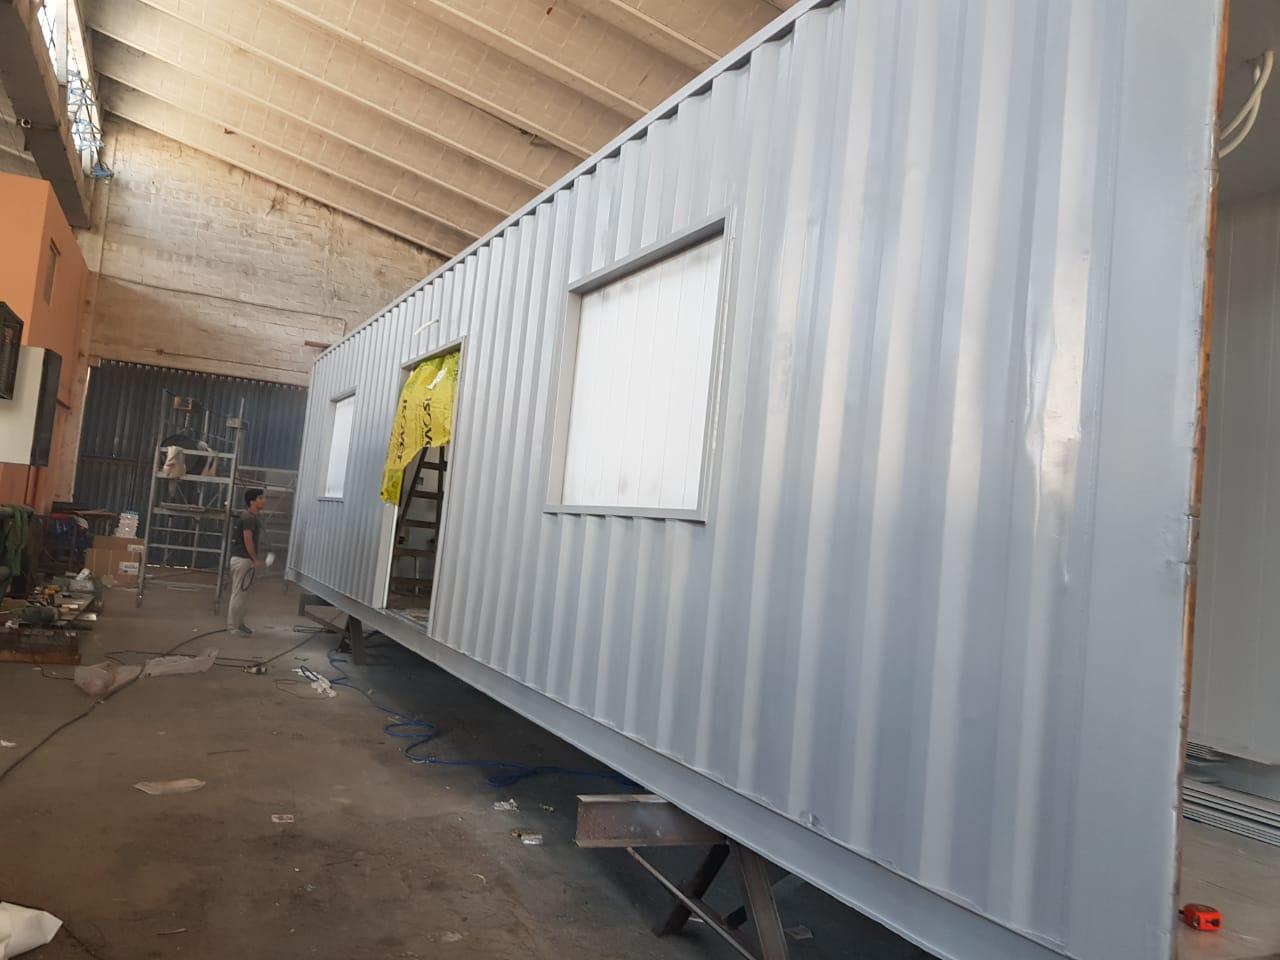 14 contenedores armados como salas de unidades de Terapia Intensiva y Terapia Intermedia funcionarán en el Hospital Gobernador Centeno